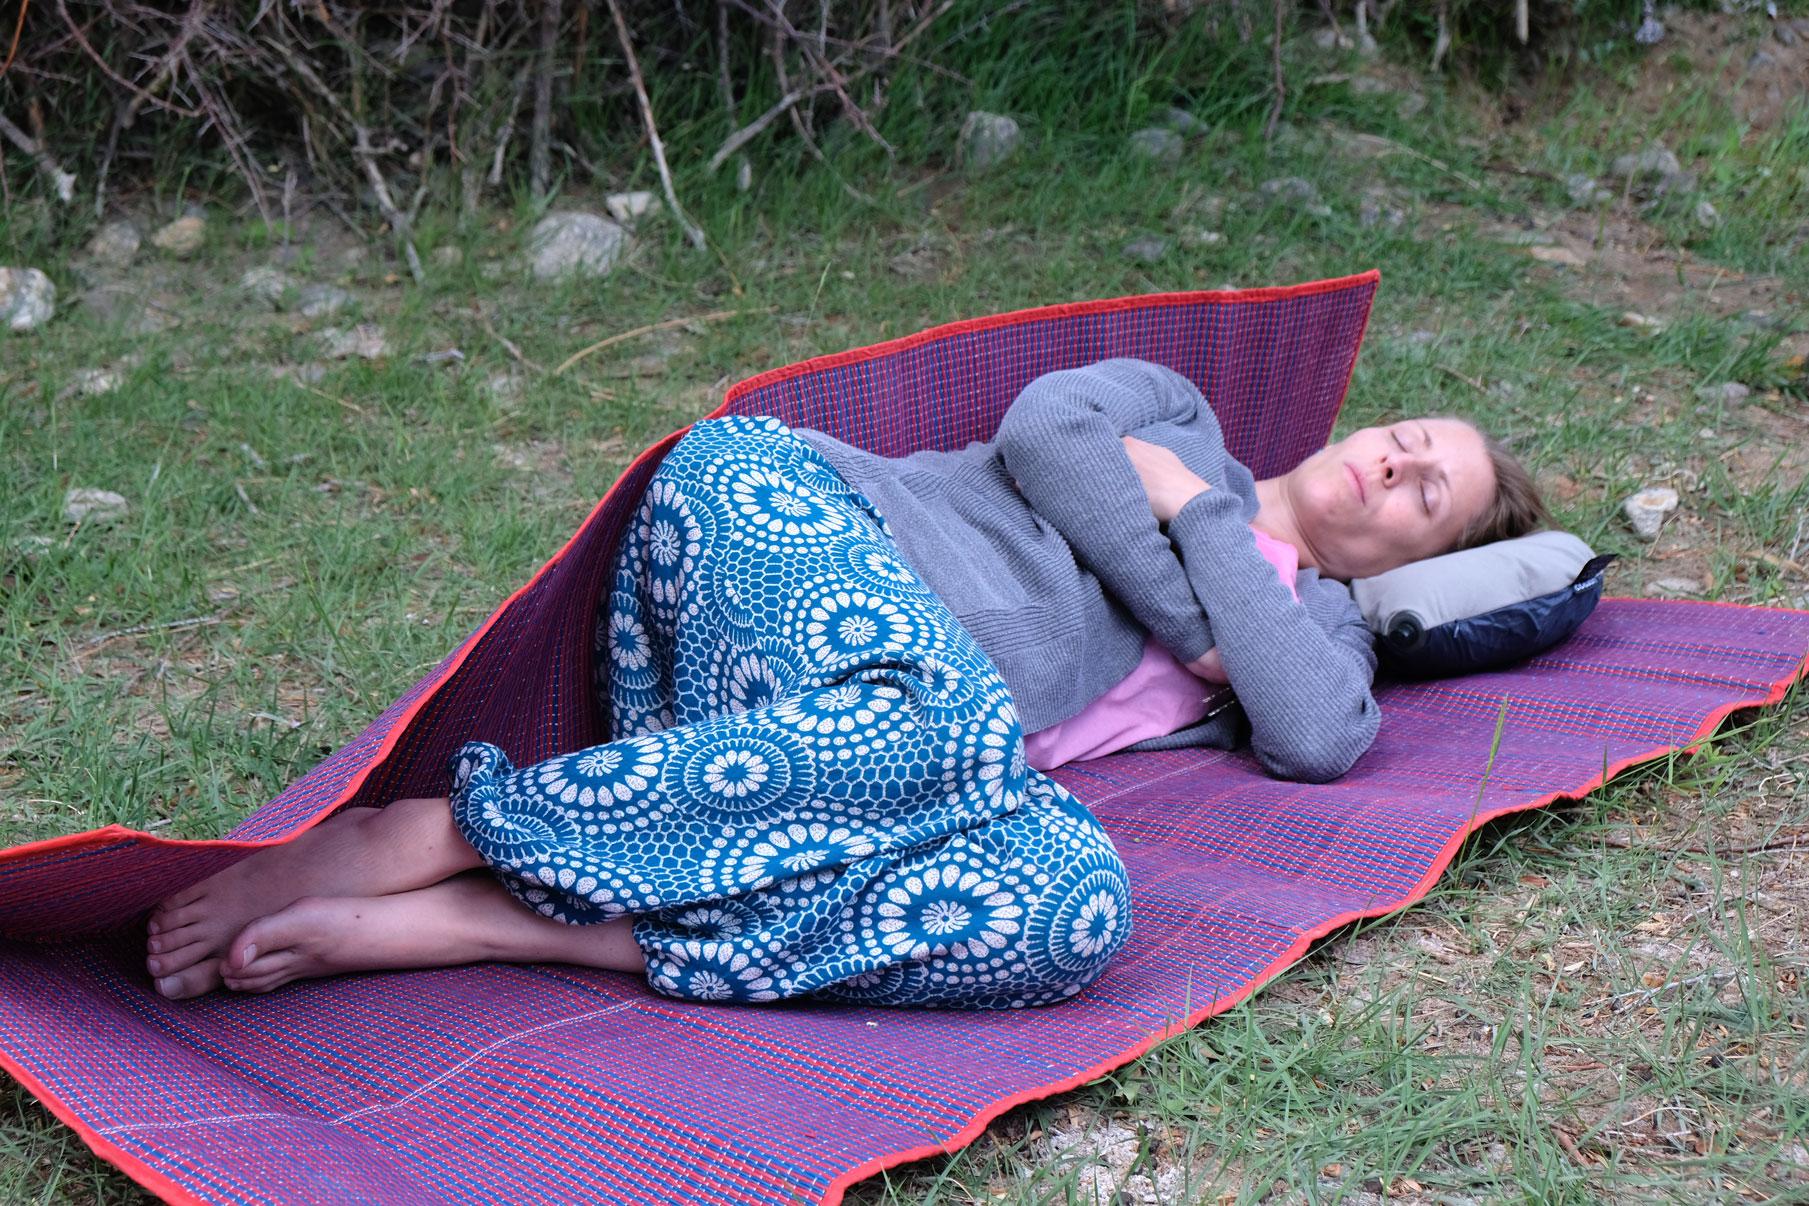 Leo schläft auf einer Isomatte, die auf einer Wiese liegt.